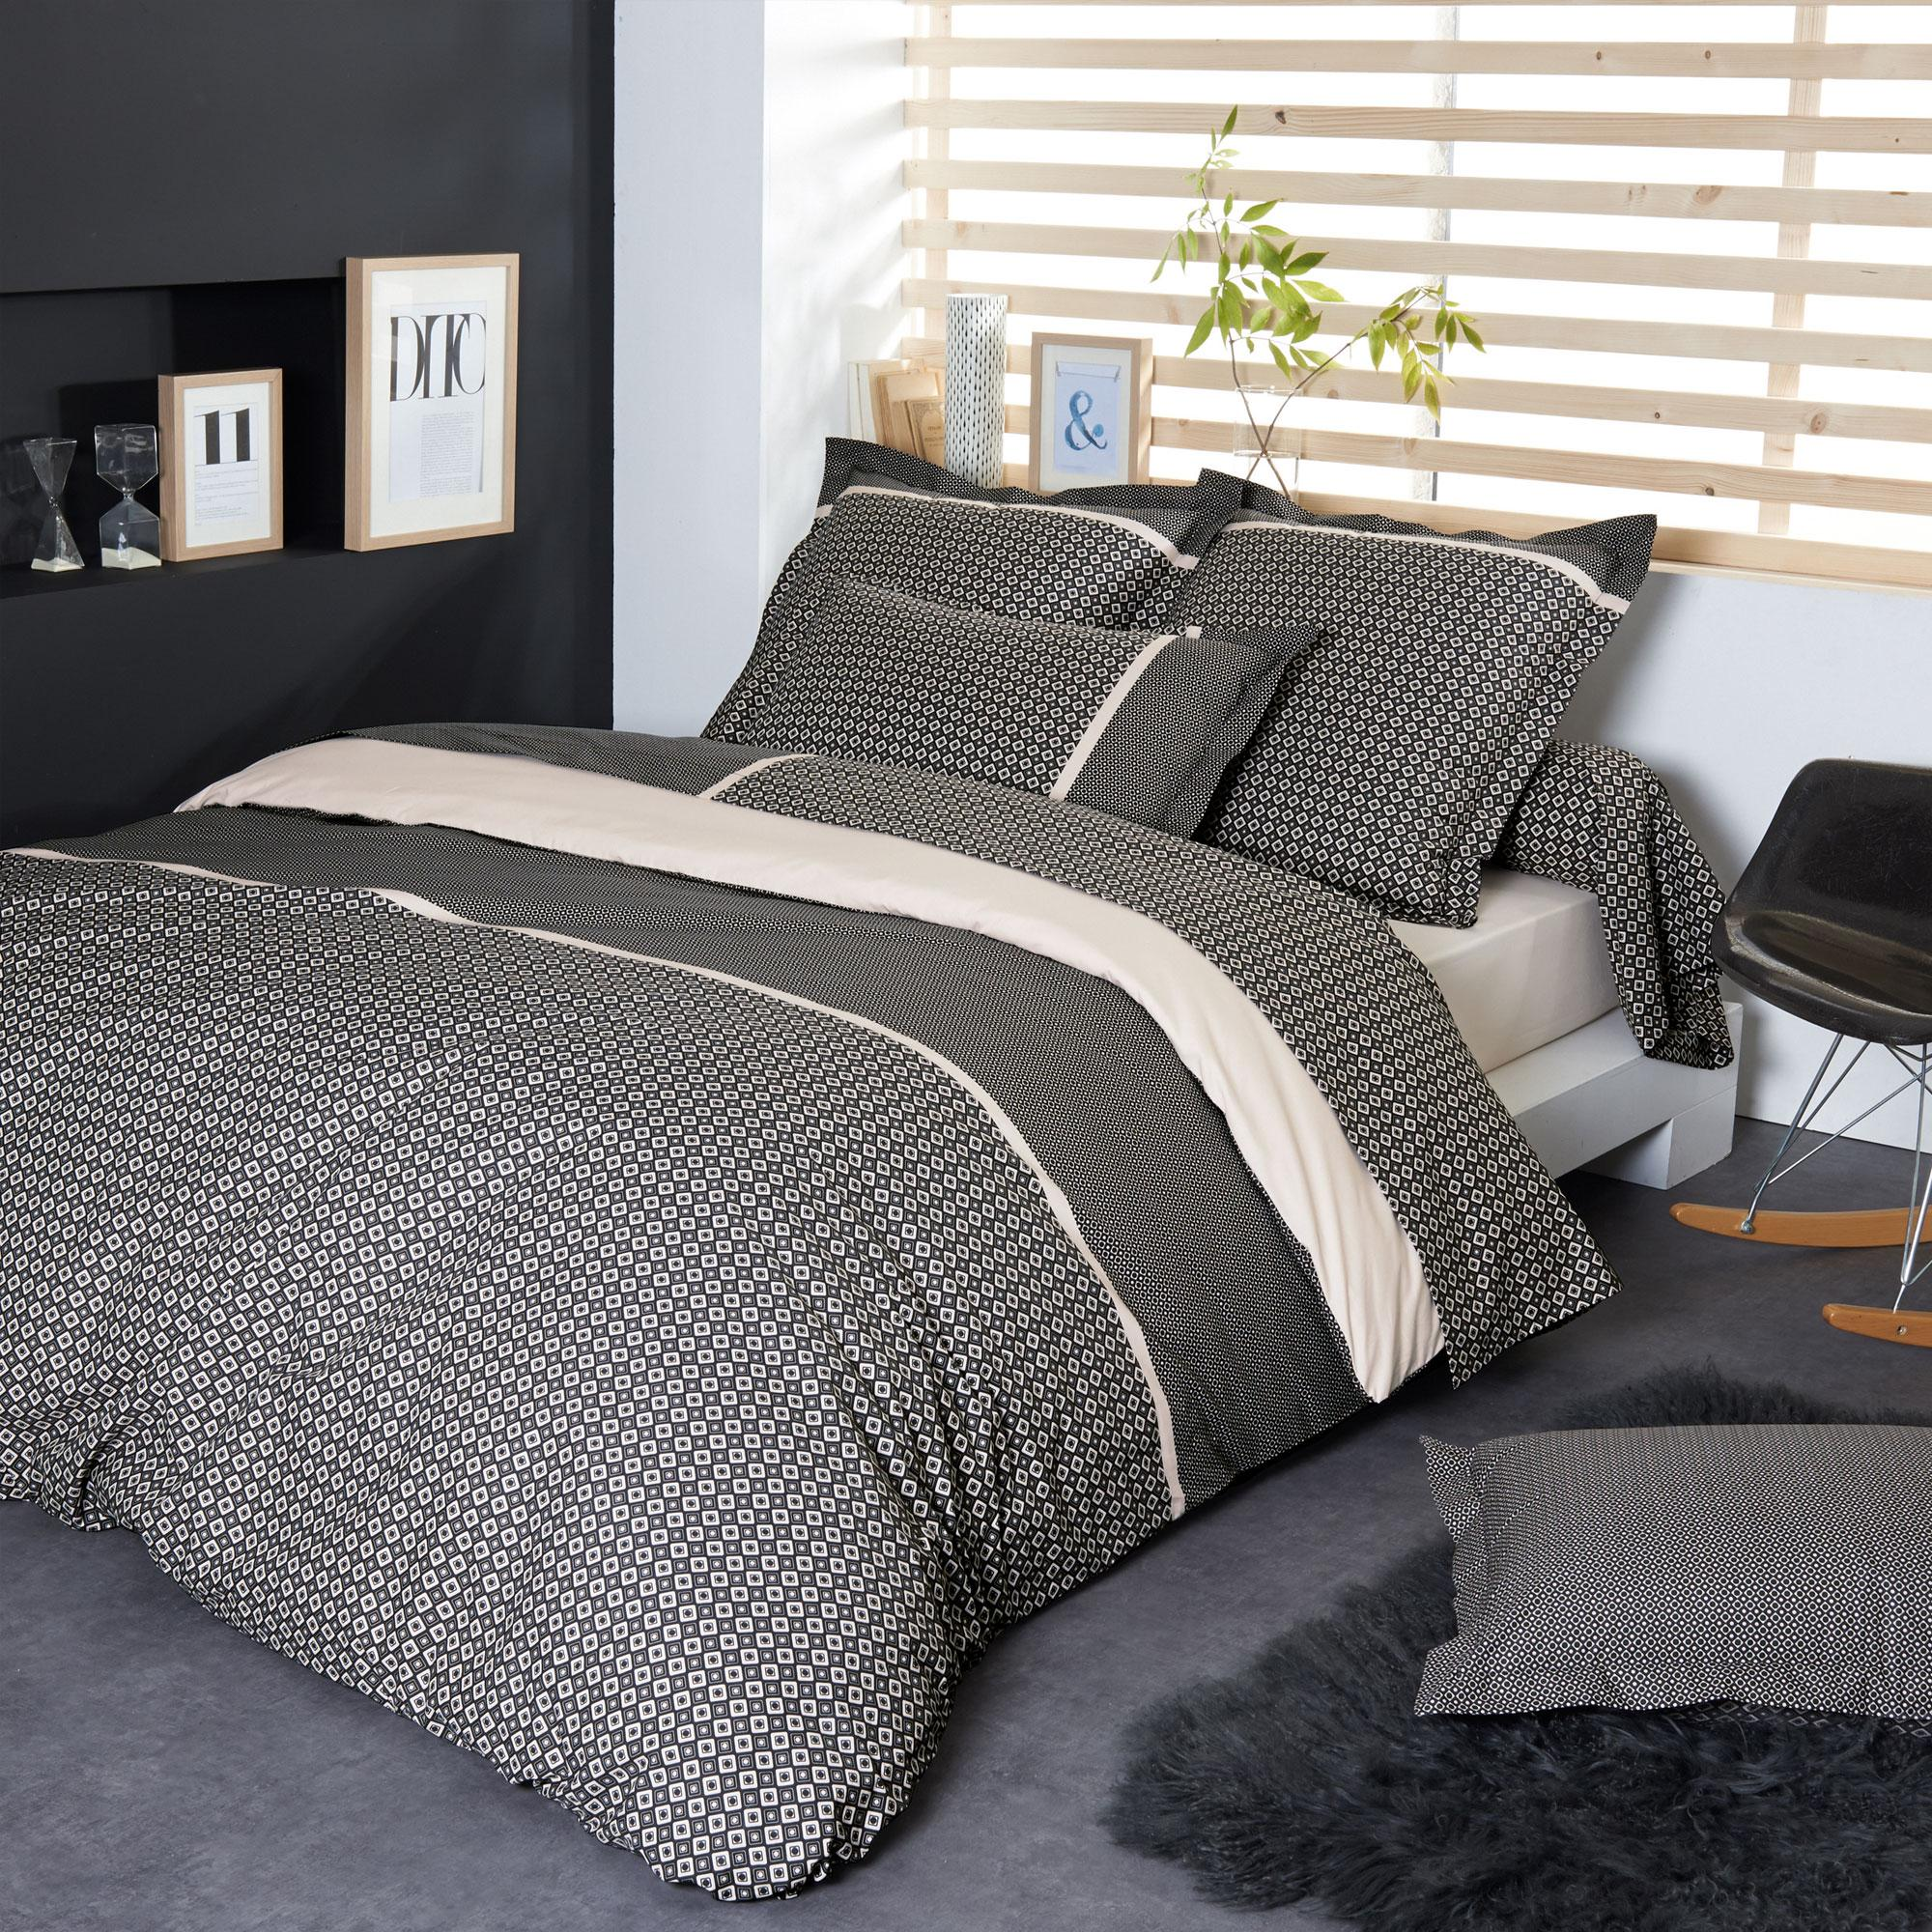 parure de lit percale pur coton peign 300x240 cm gatsby linnea linge de maison et. Black Bedroom Furniture Sets. Home Design Ideas